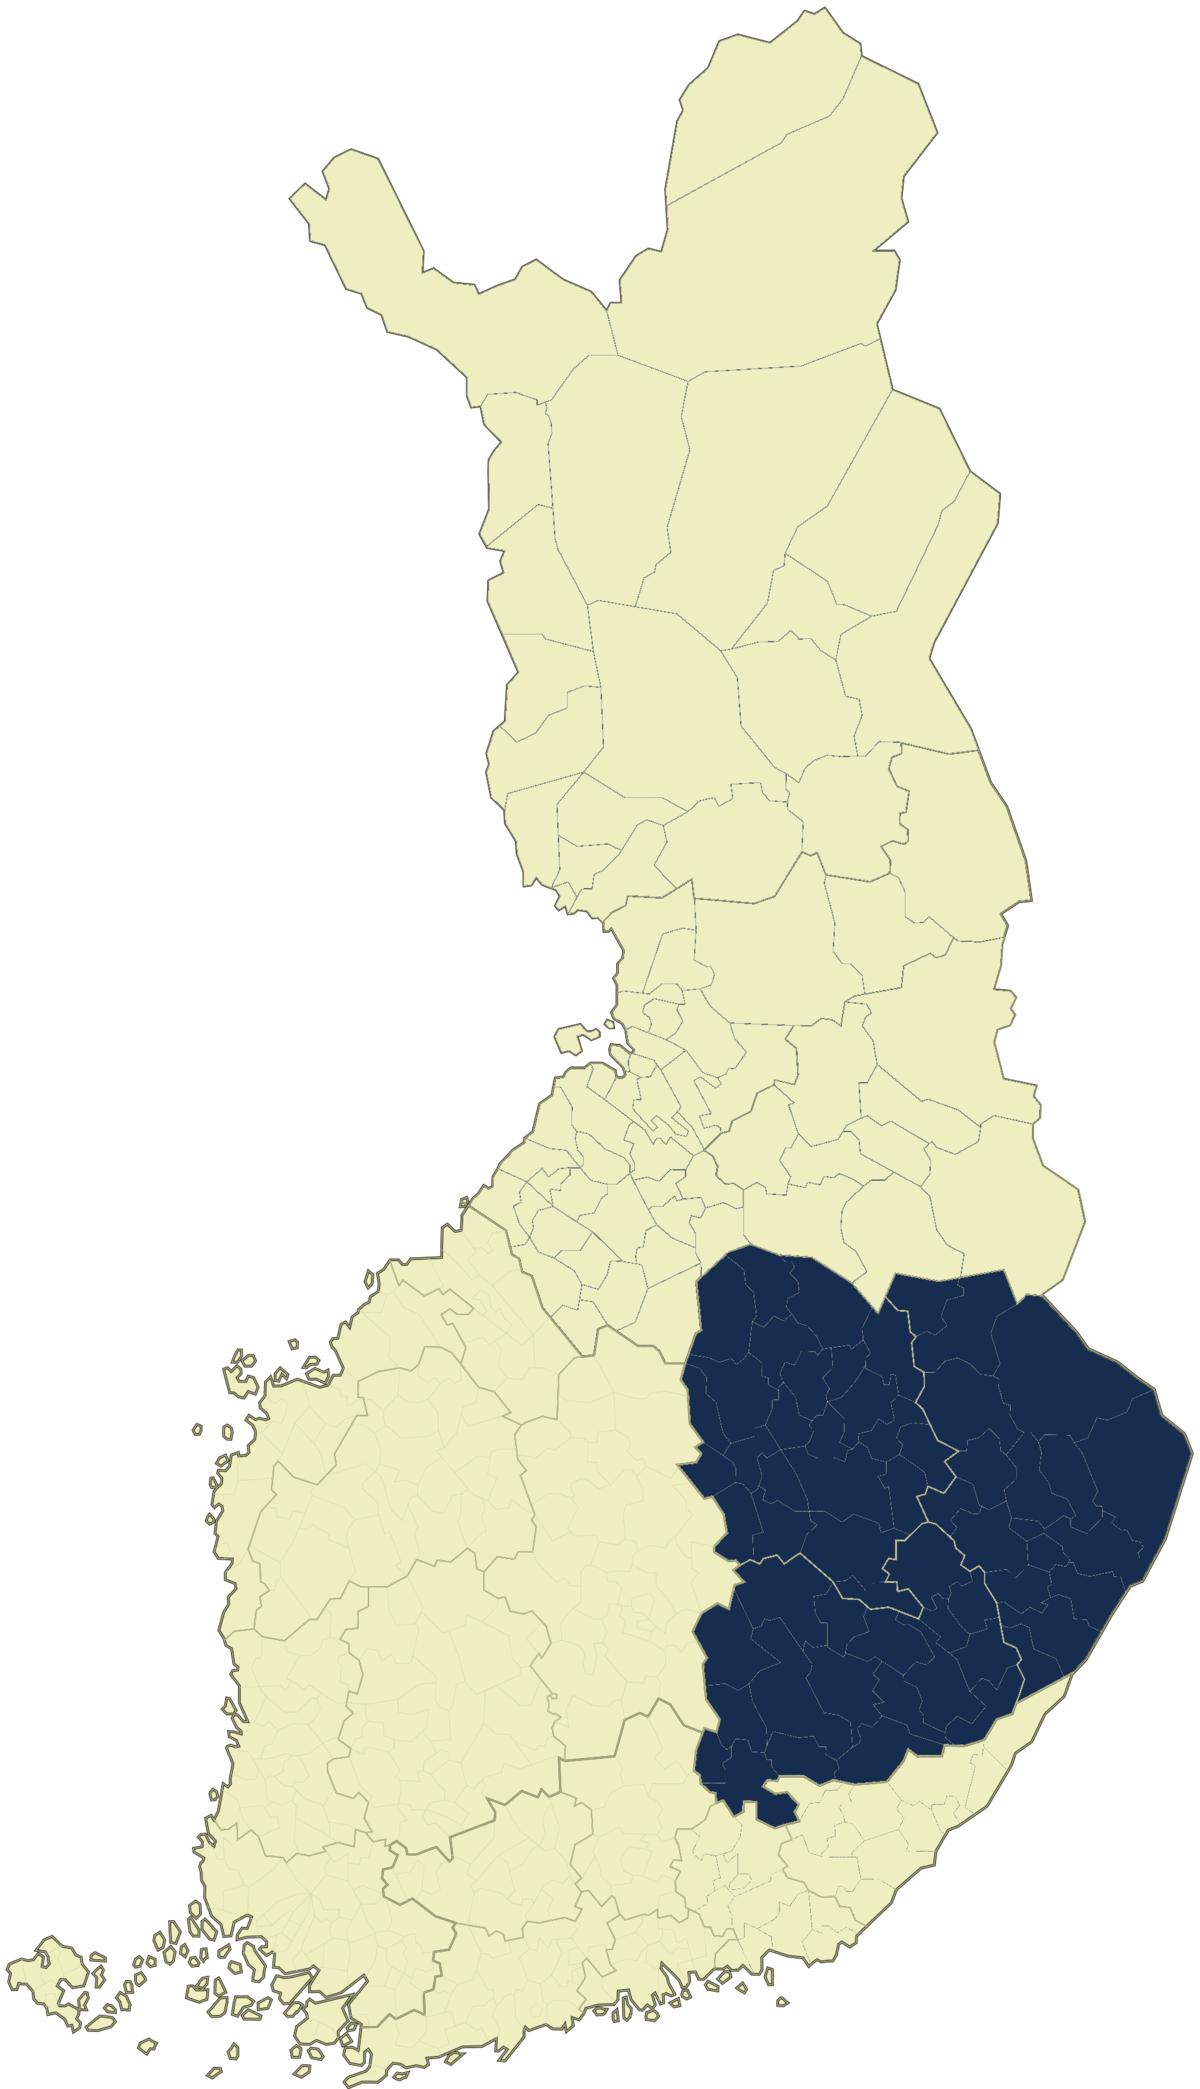 Itä Suomen Piiri